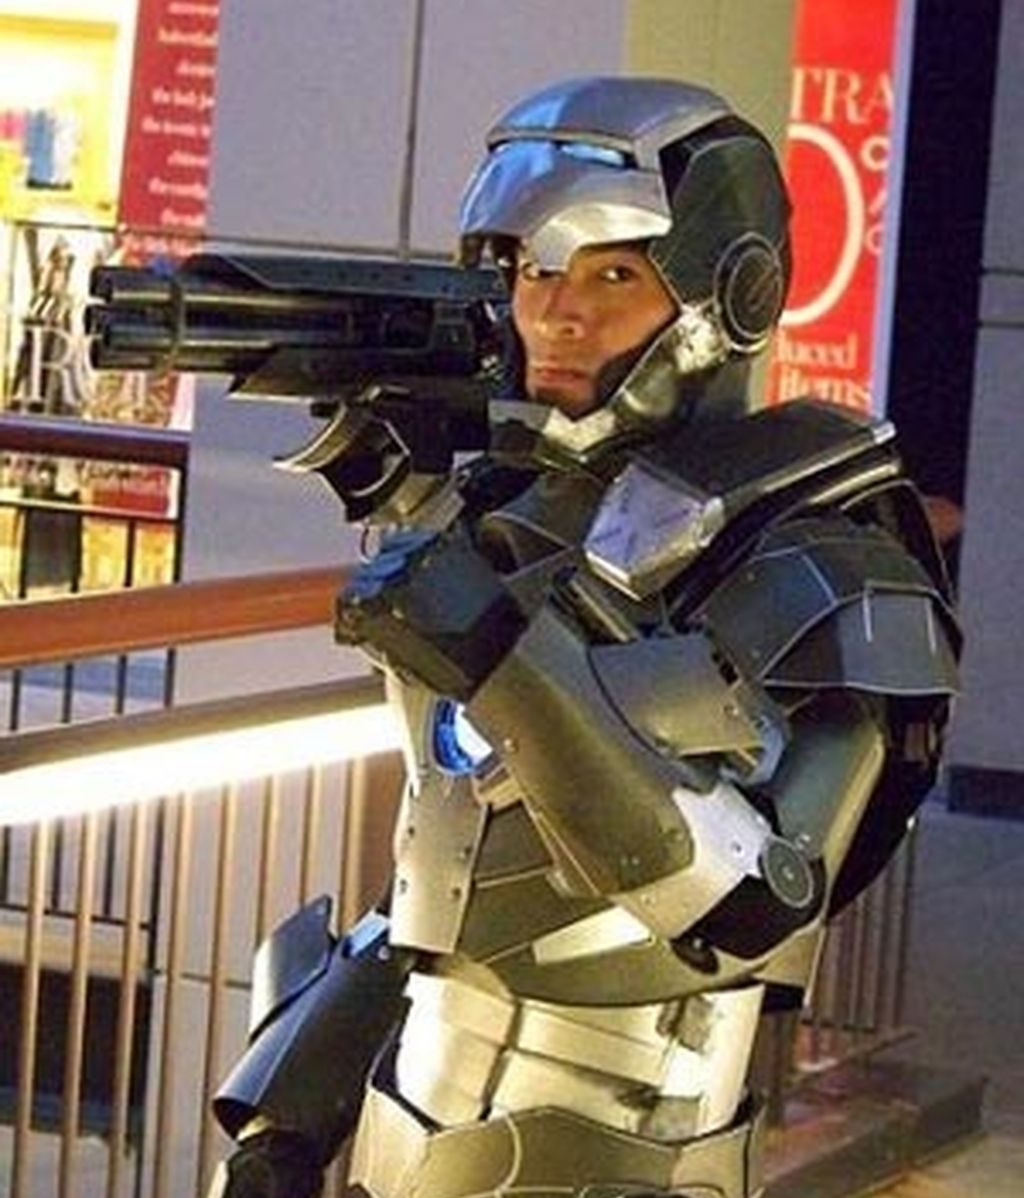 Anthony Le con el traje que se ha construido similar al del personaje del Universo Marvel 'War Machine', compañero de Iron Man.